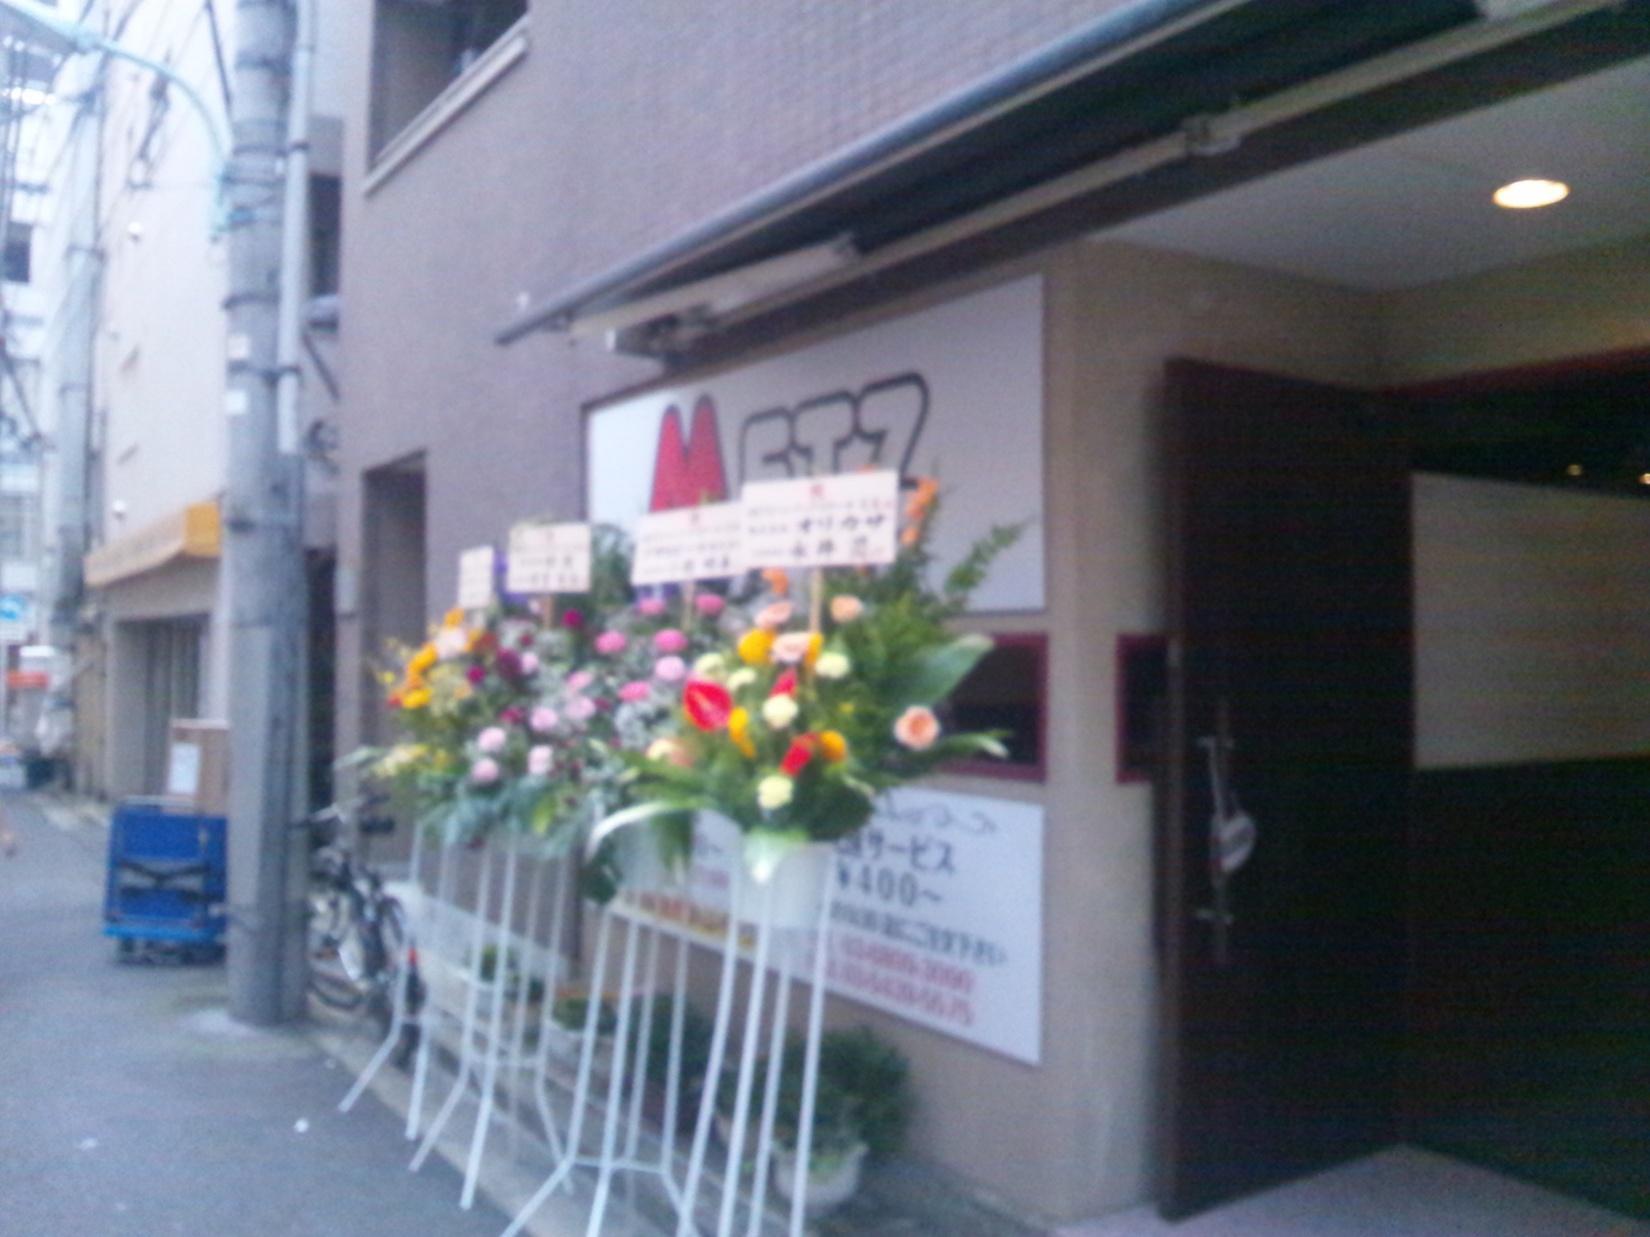 METZ 芝店